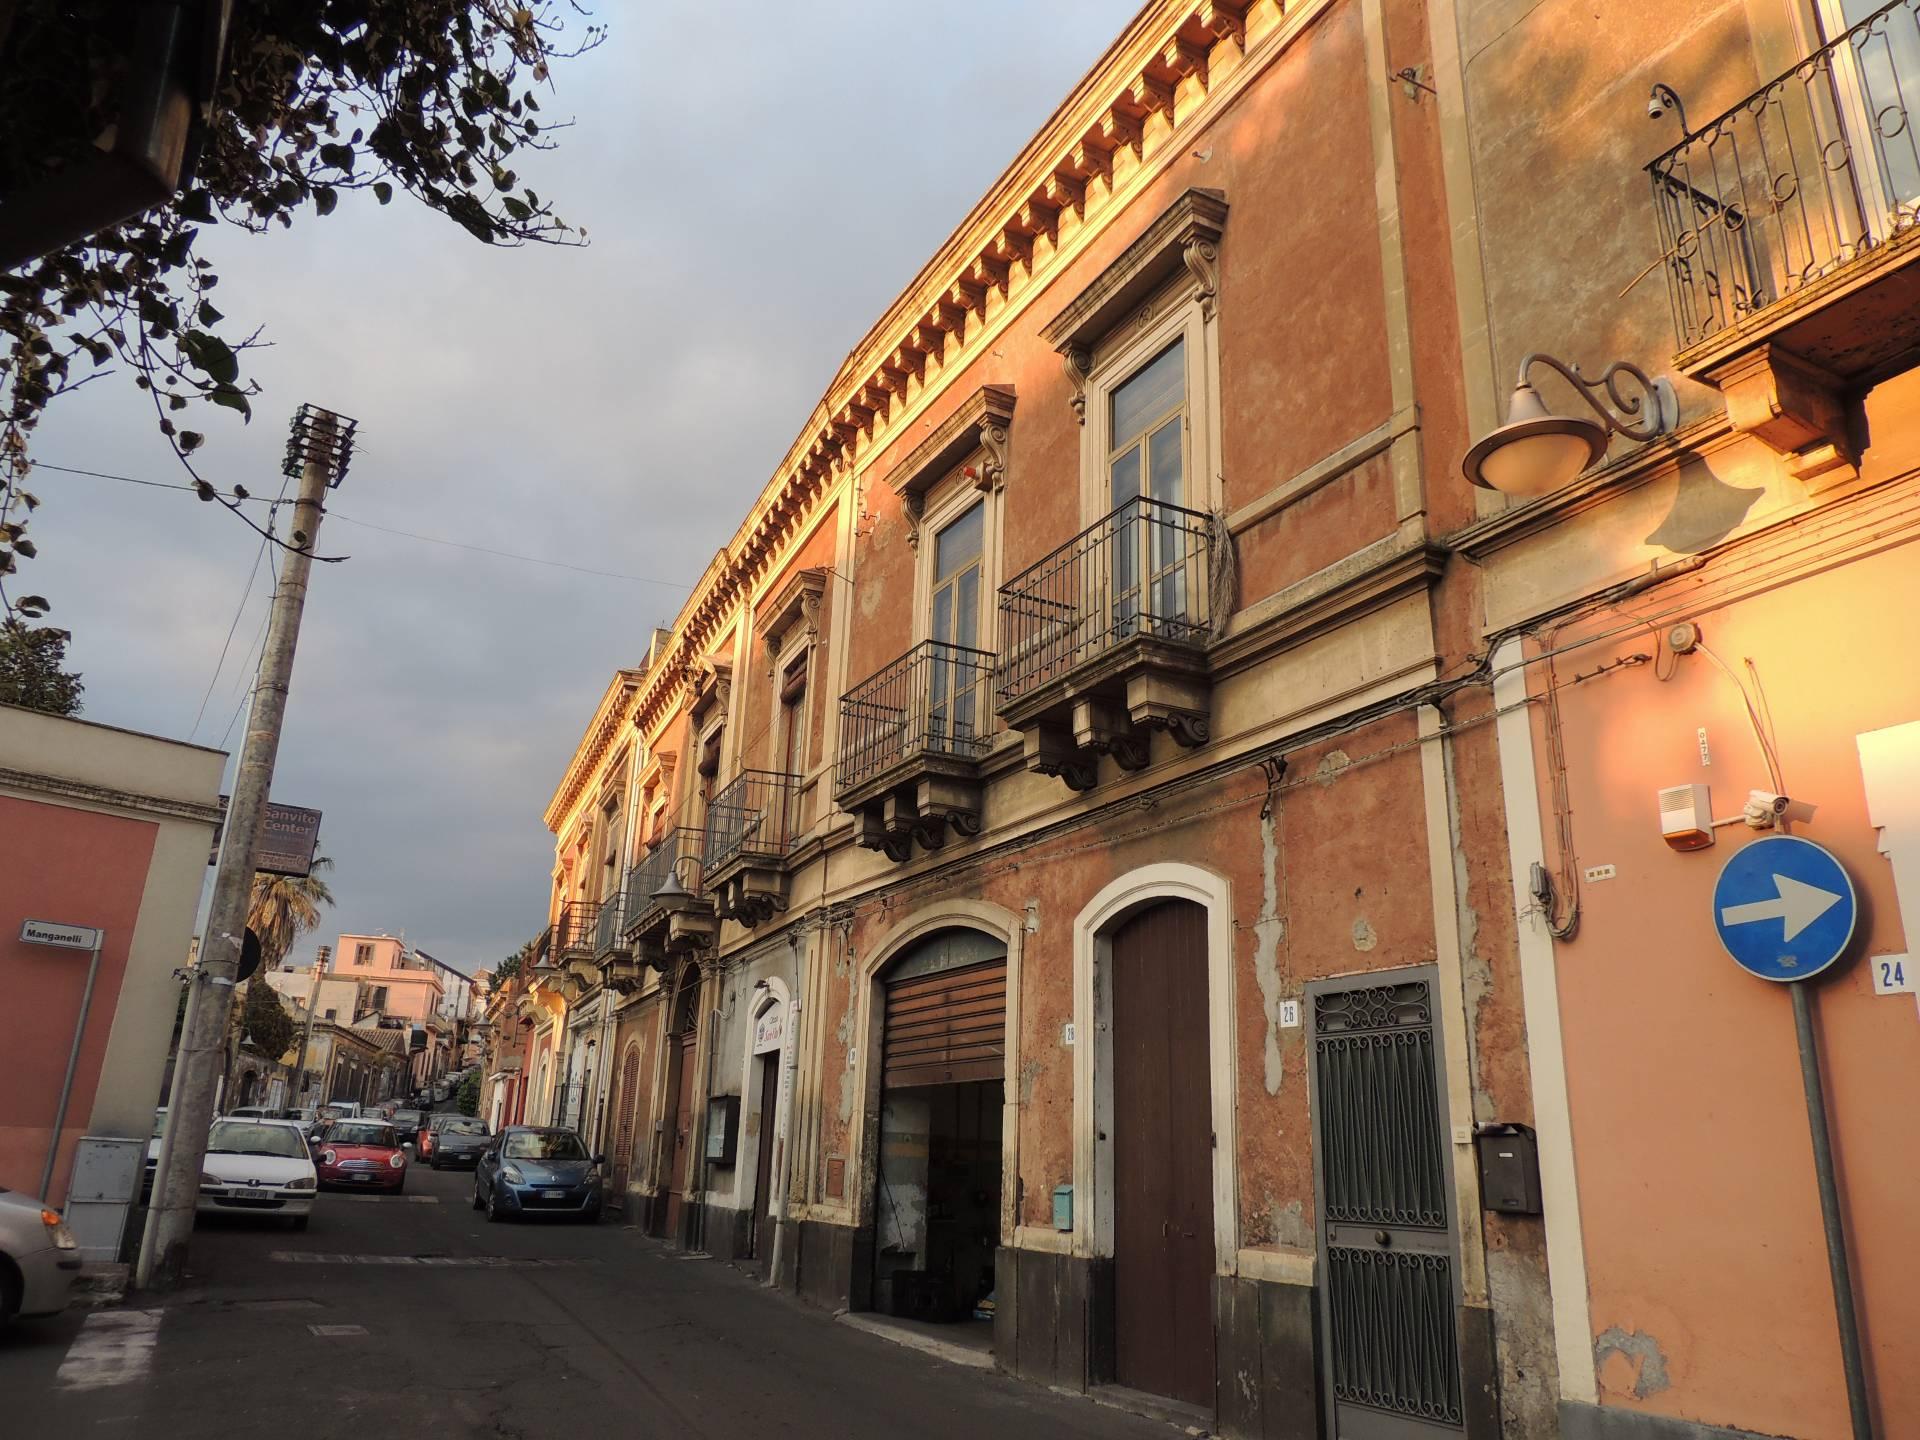 Soluzione Indipendente in vendita a Mascalucia, 7 locali, zona Località: CentroStorico(ViaEtnea/ViaRoma...., prezzo € 185.000 | CambioCasa.it